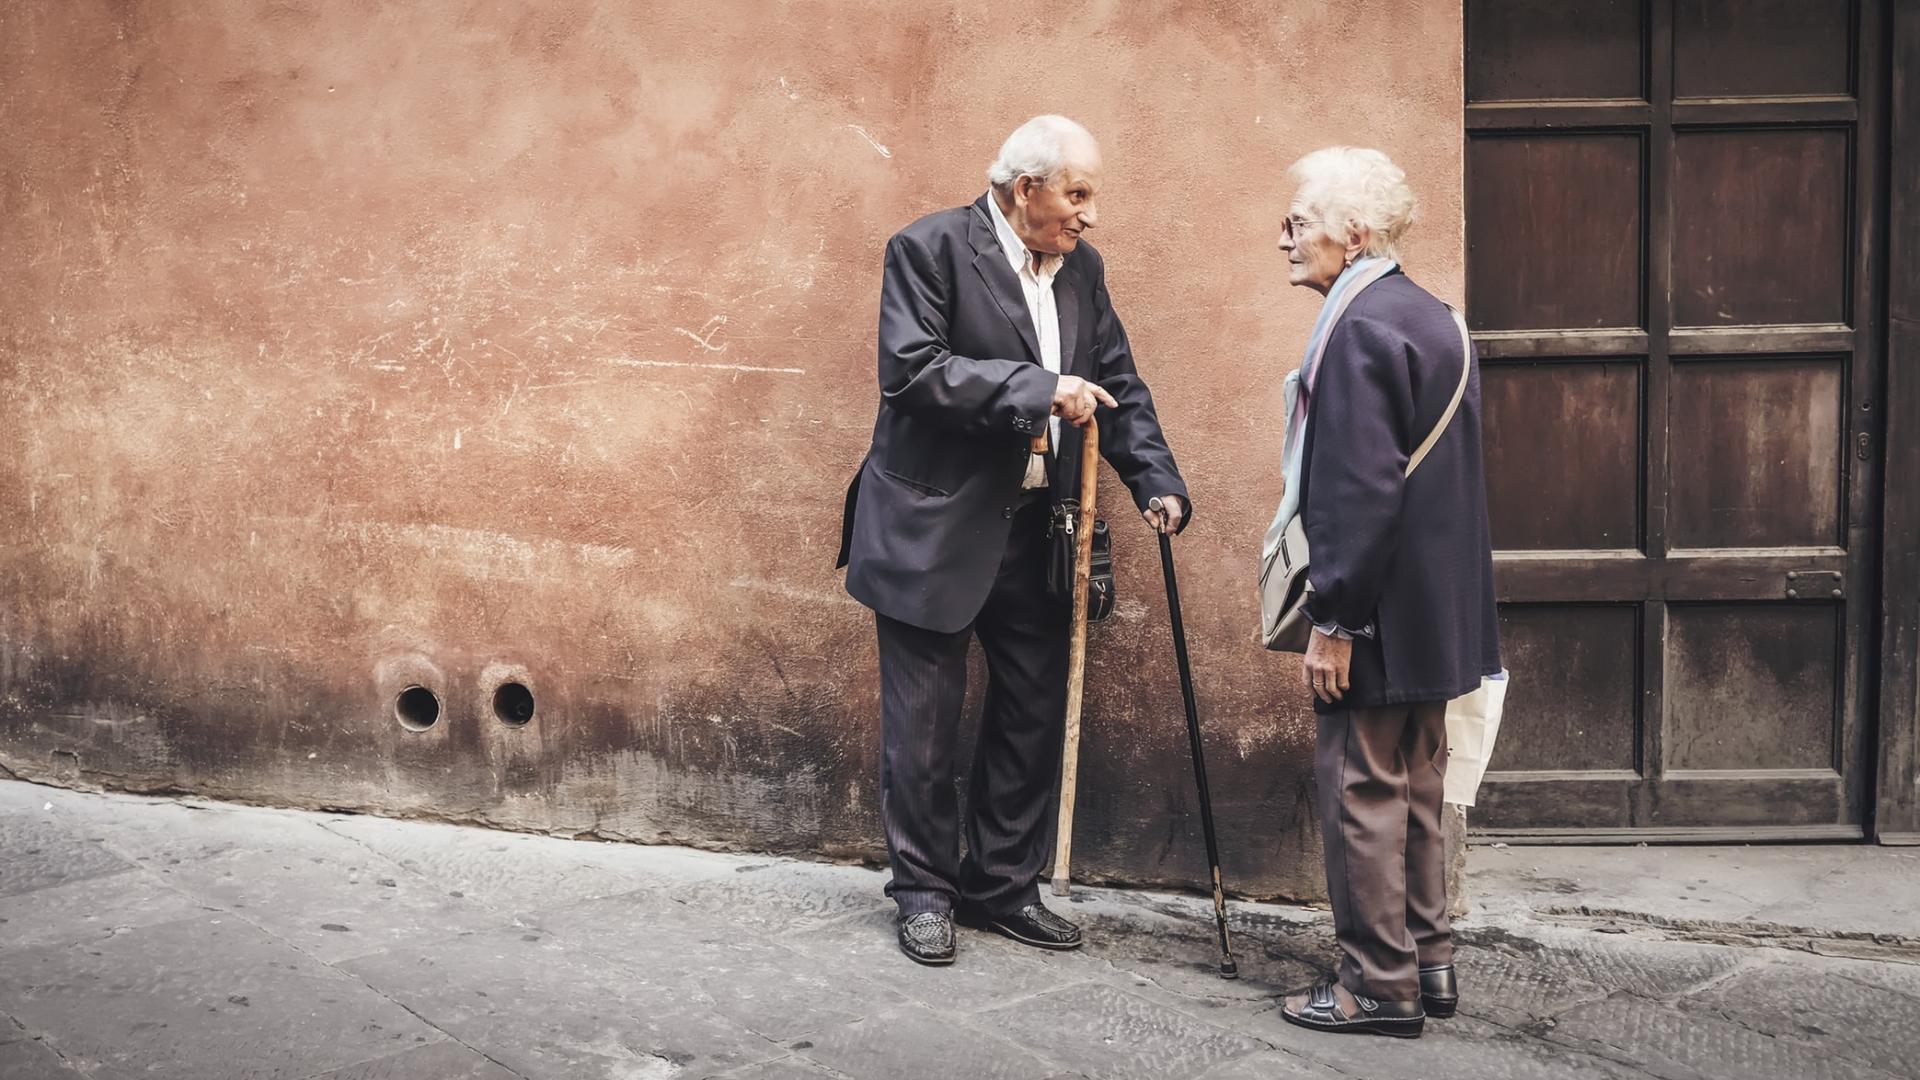 älterer Herr und ältere Frau mit weißen Haaren und Krückstock vor einer Hauswand